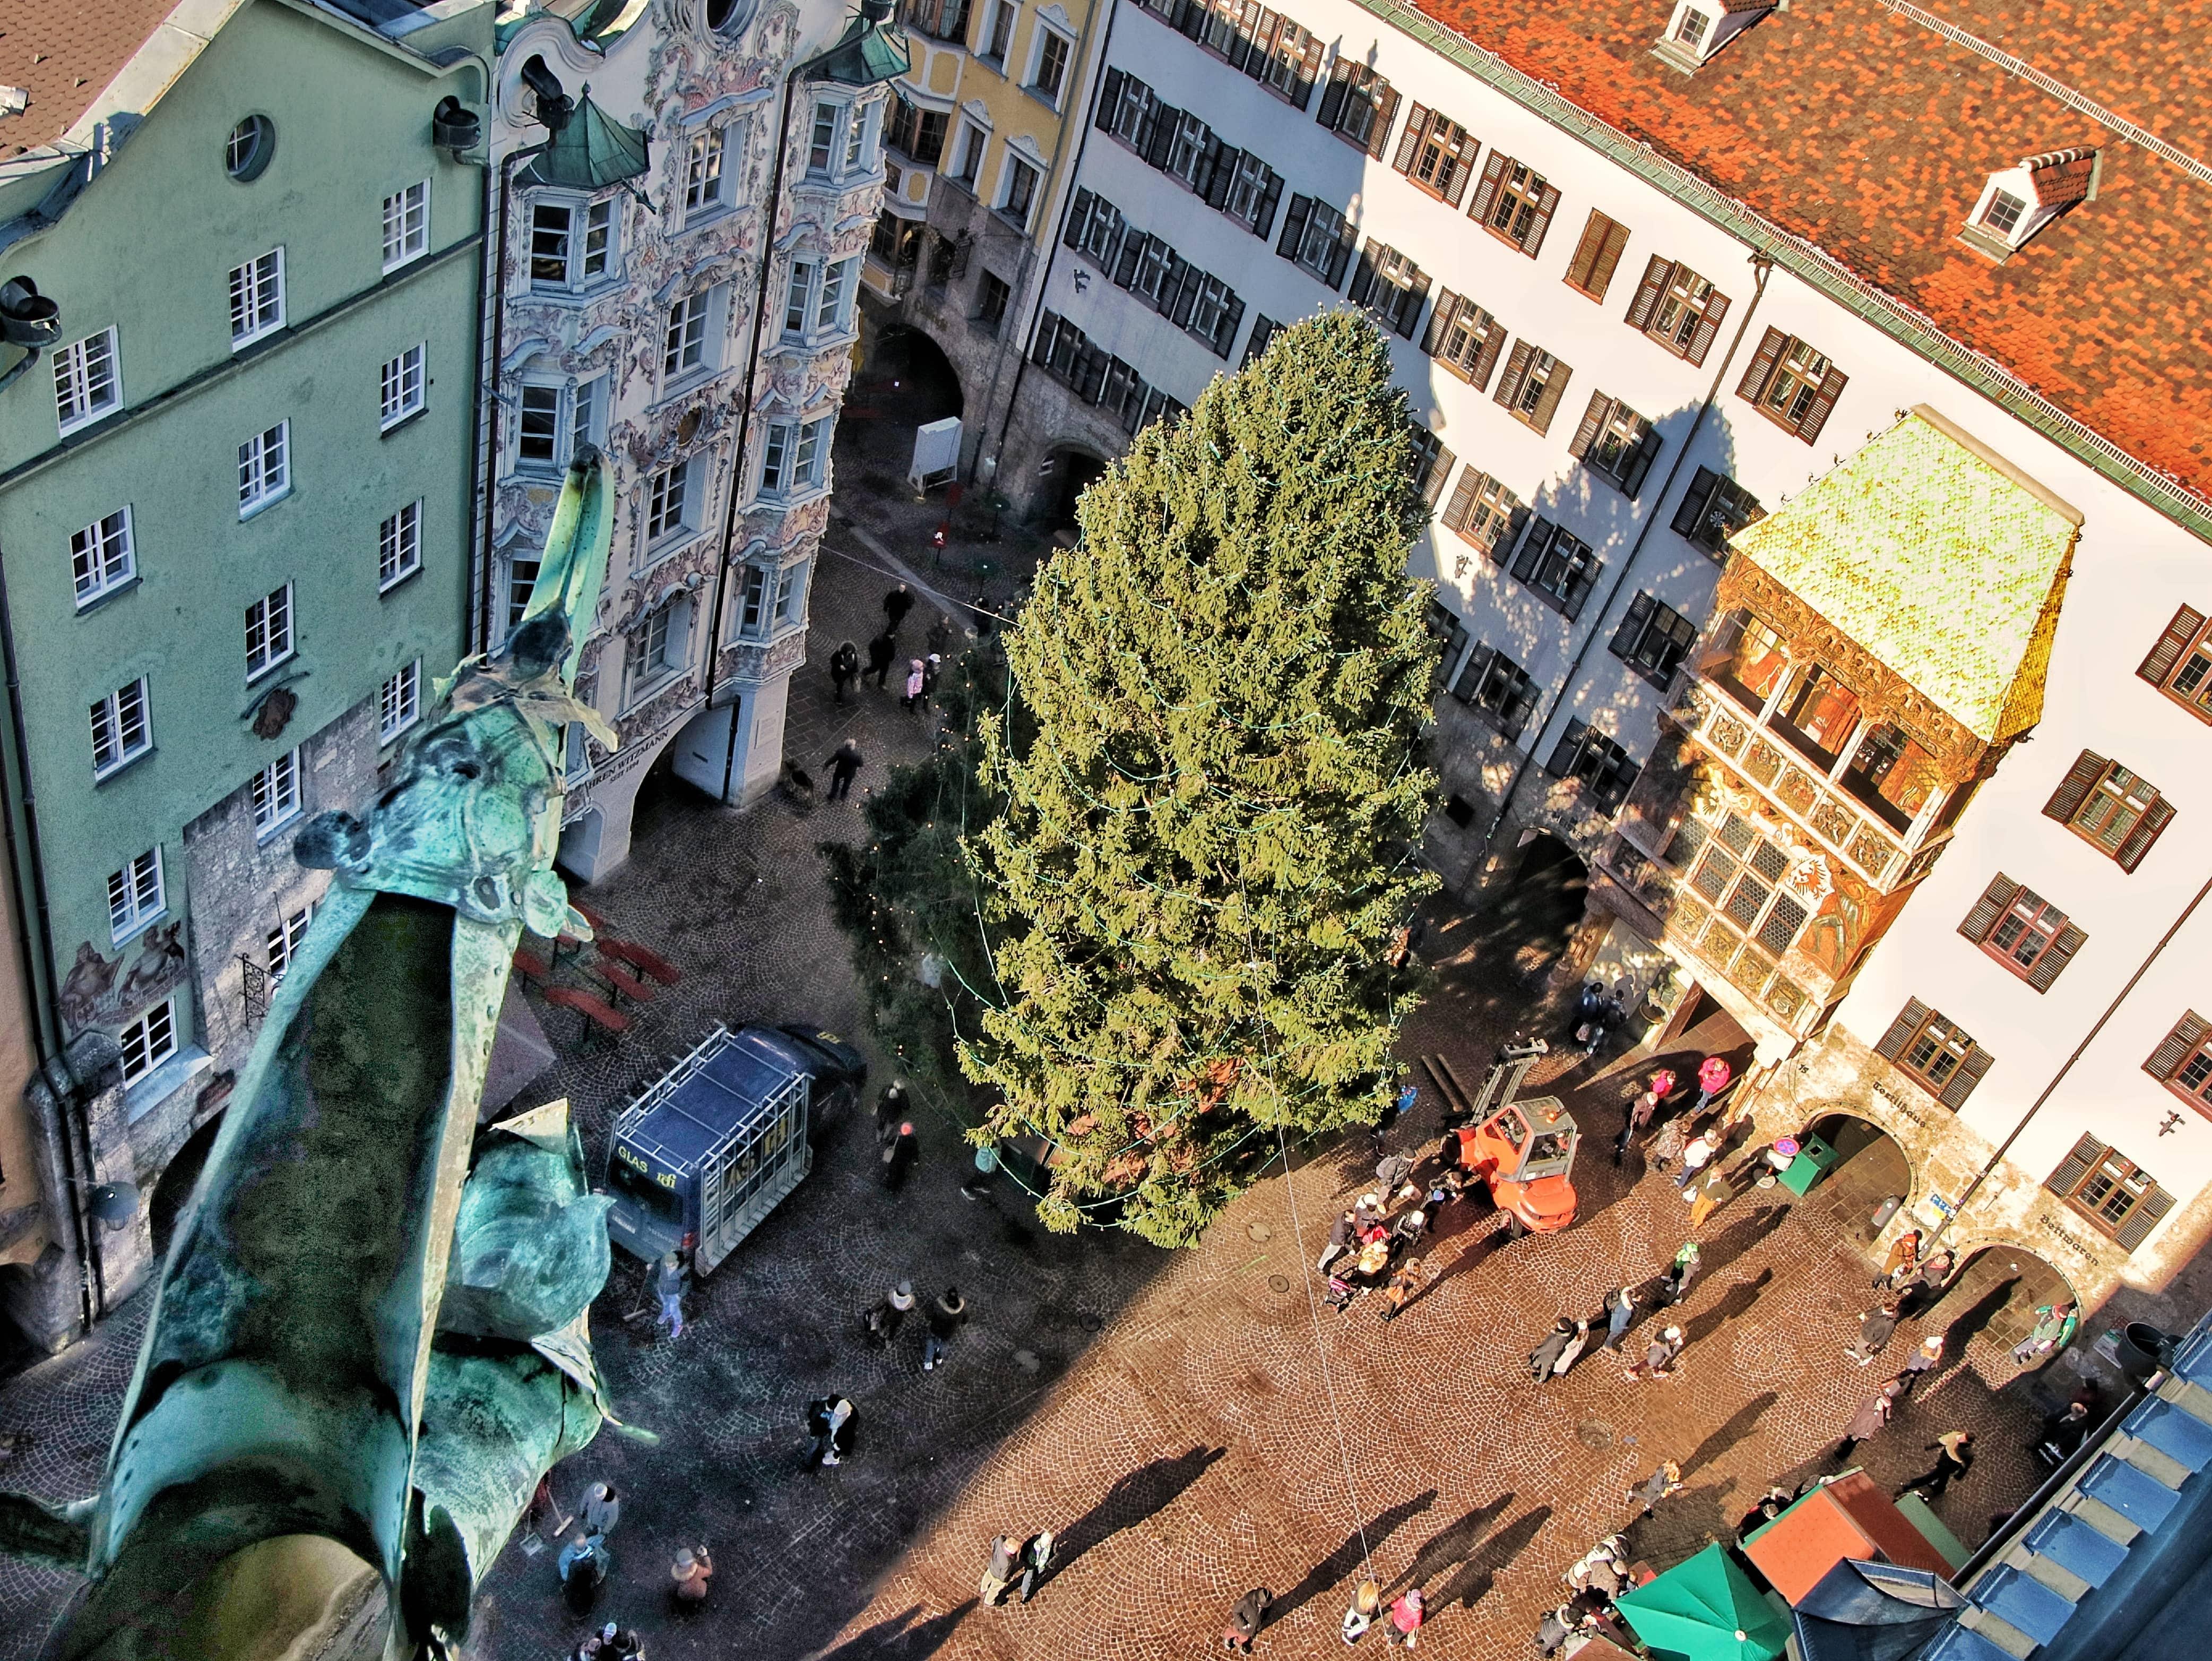 Visitare Innsbruck la prima volta: Vista della piazza dalla Stadtturm con albero di natale